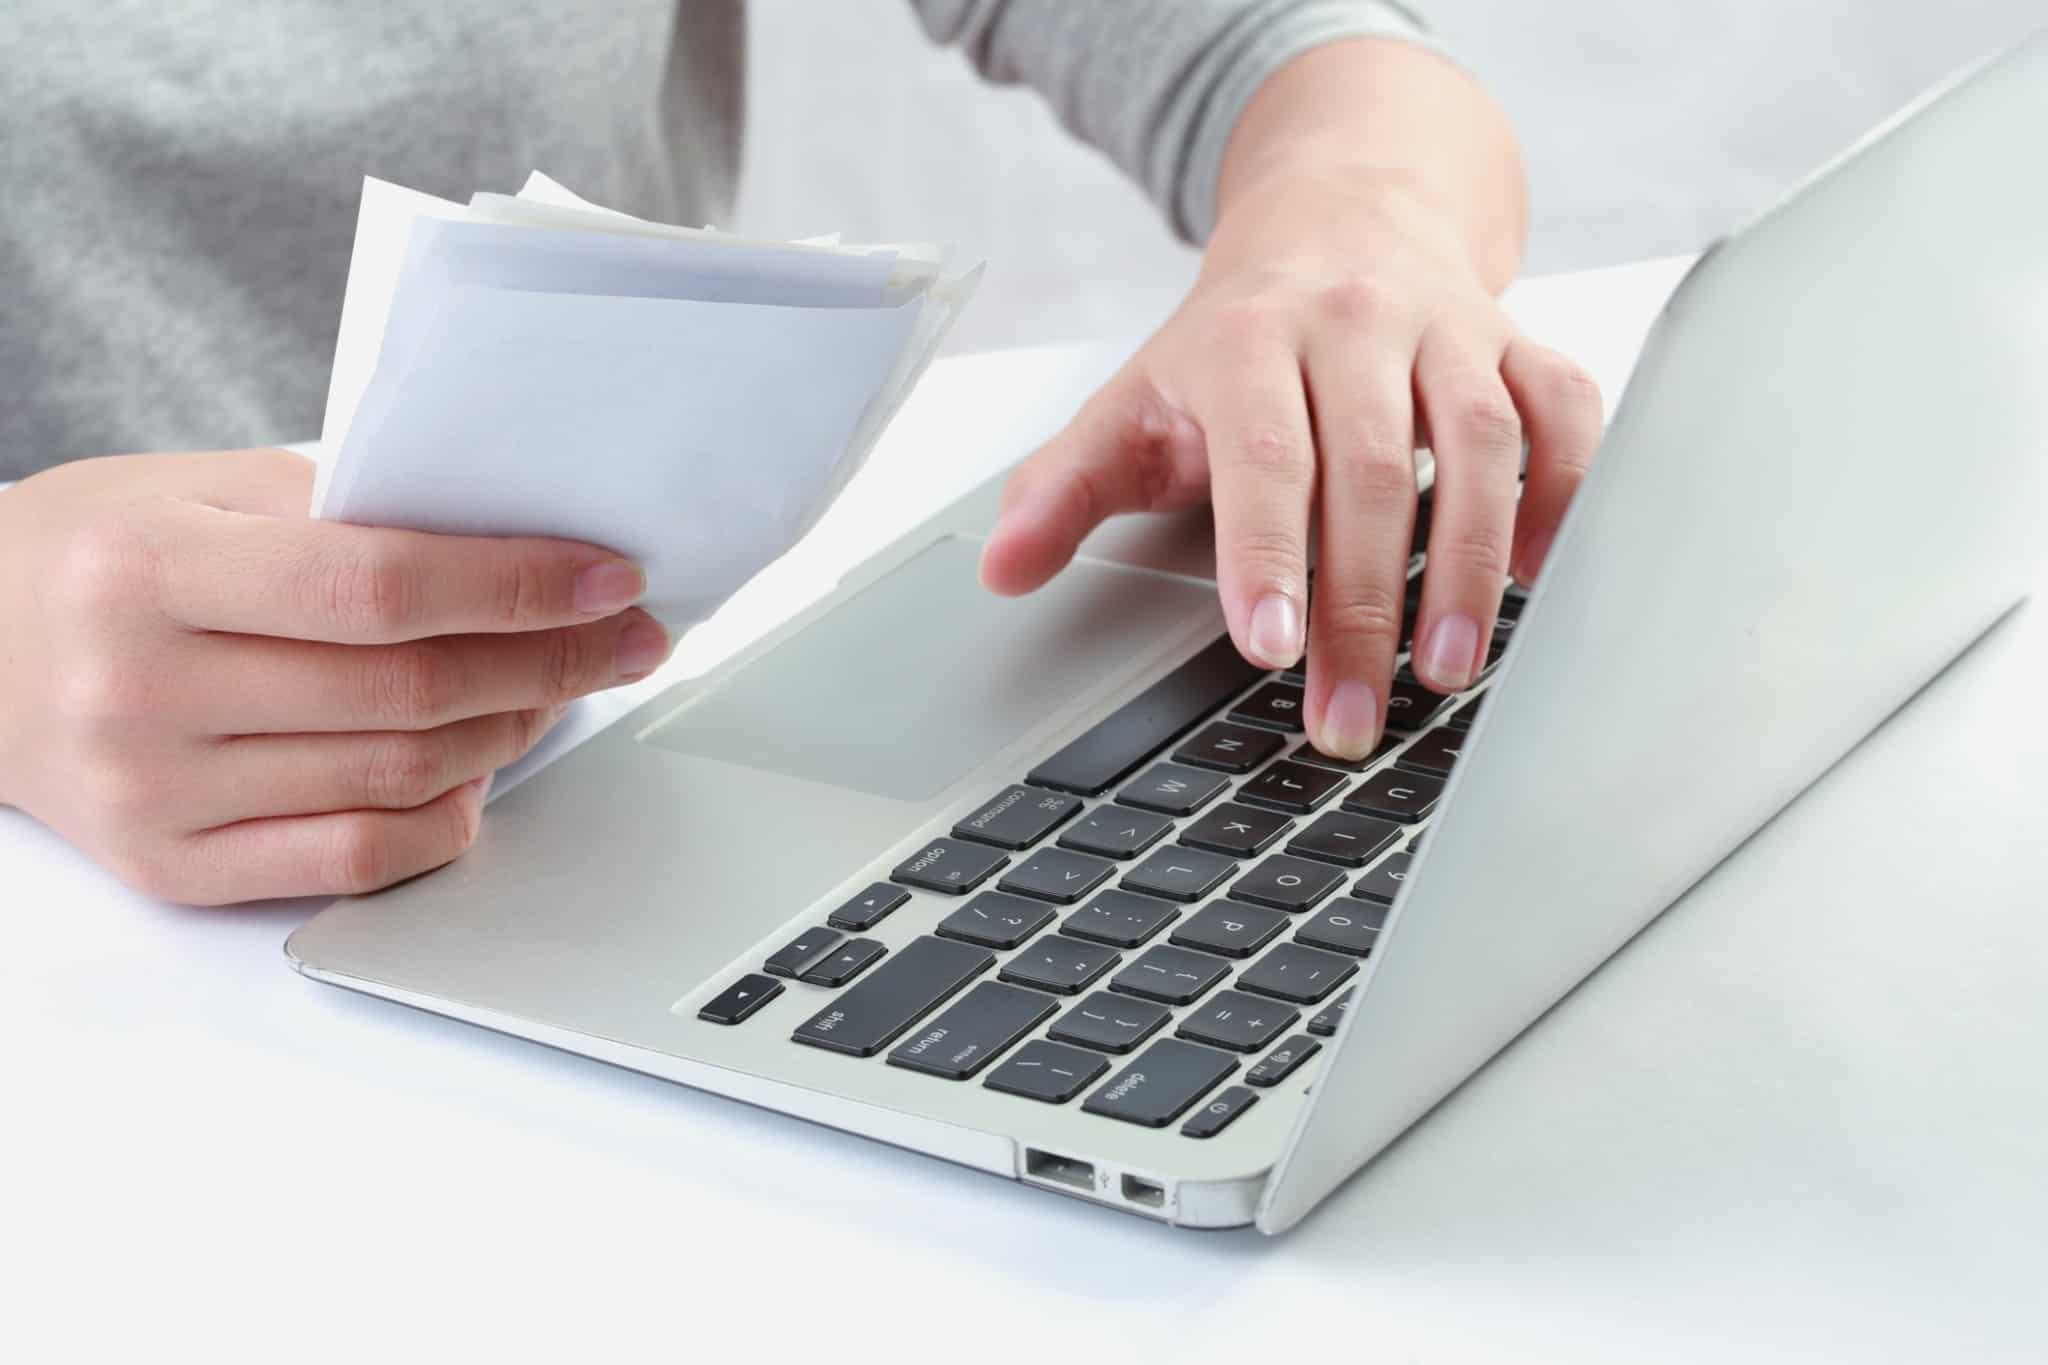 pessoa com facturas na mão a mexer no computador